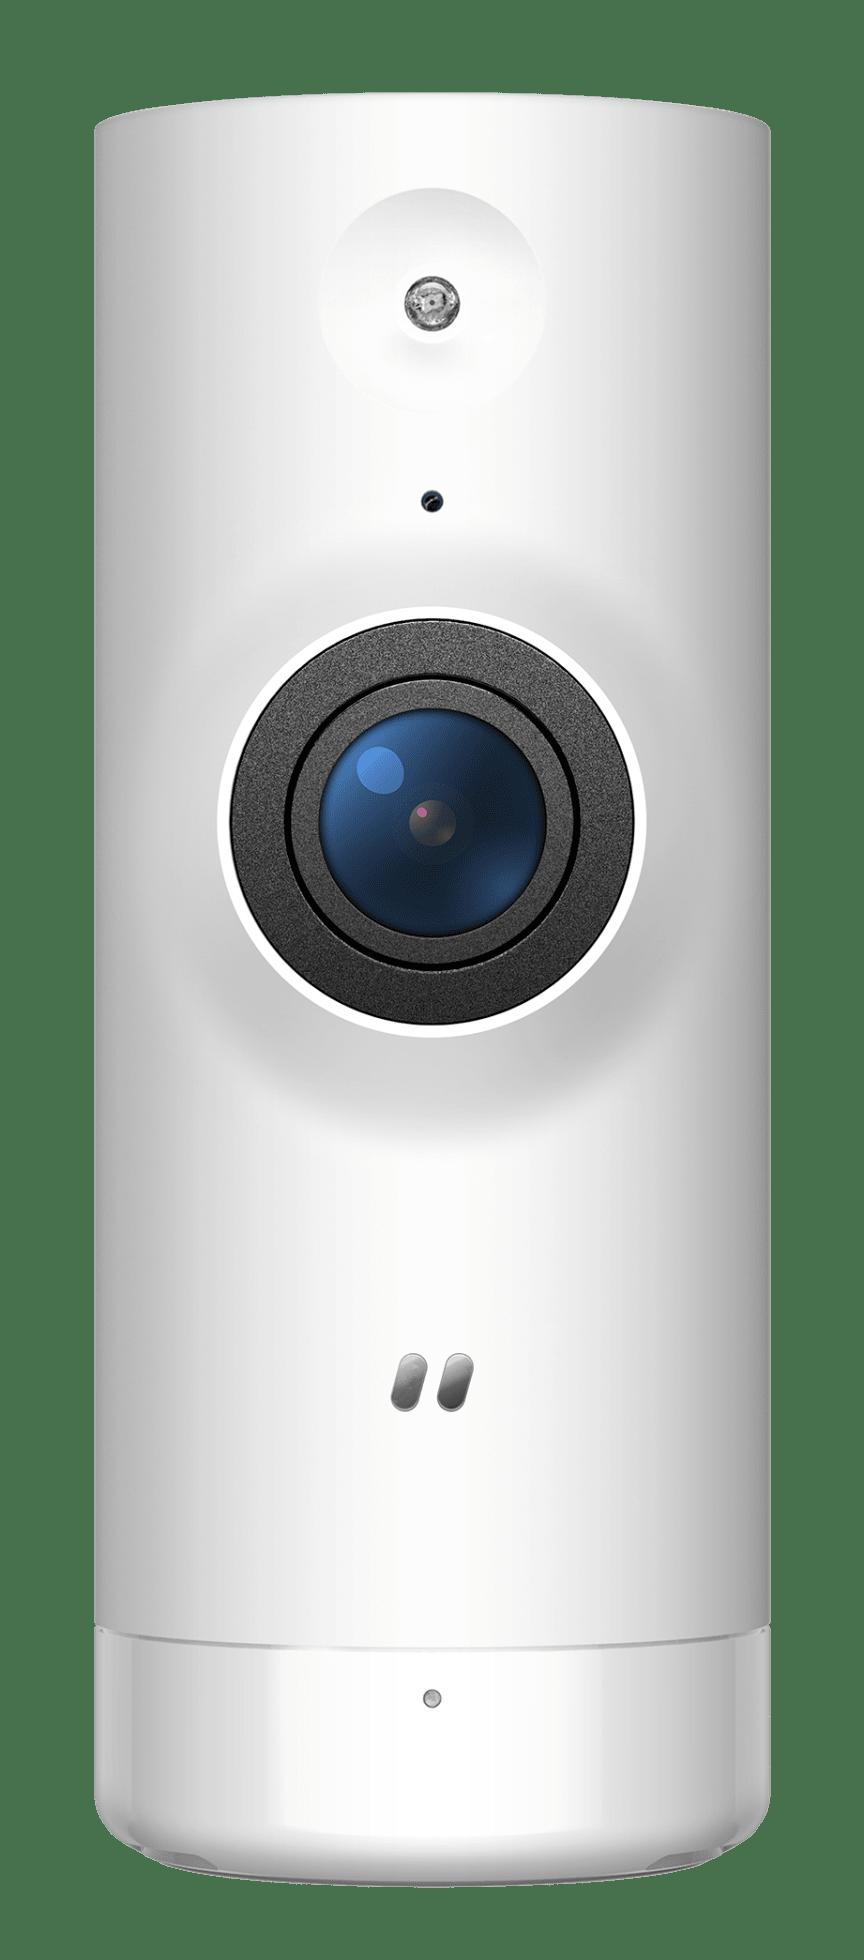 DCS-8000LHV2_A1_Image L(Front)2